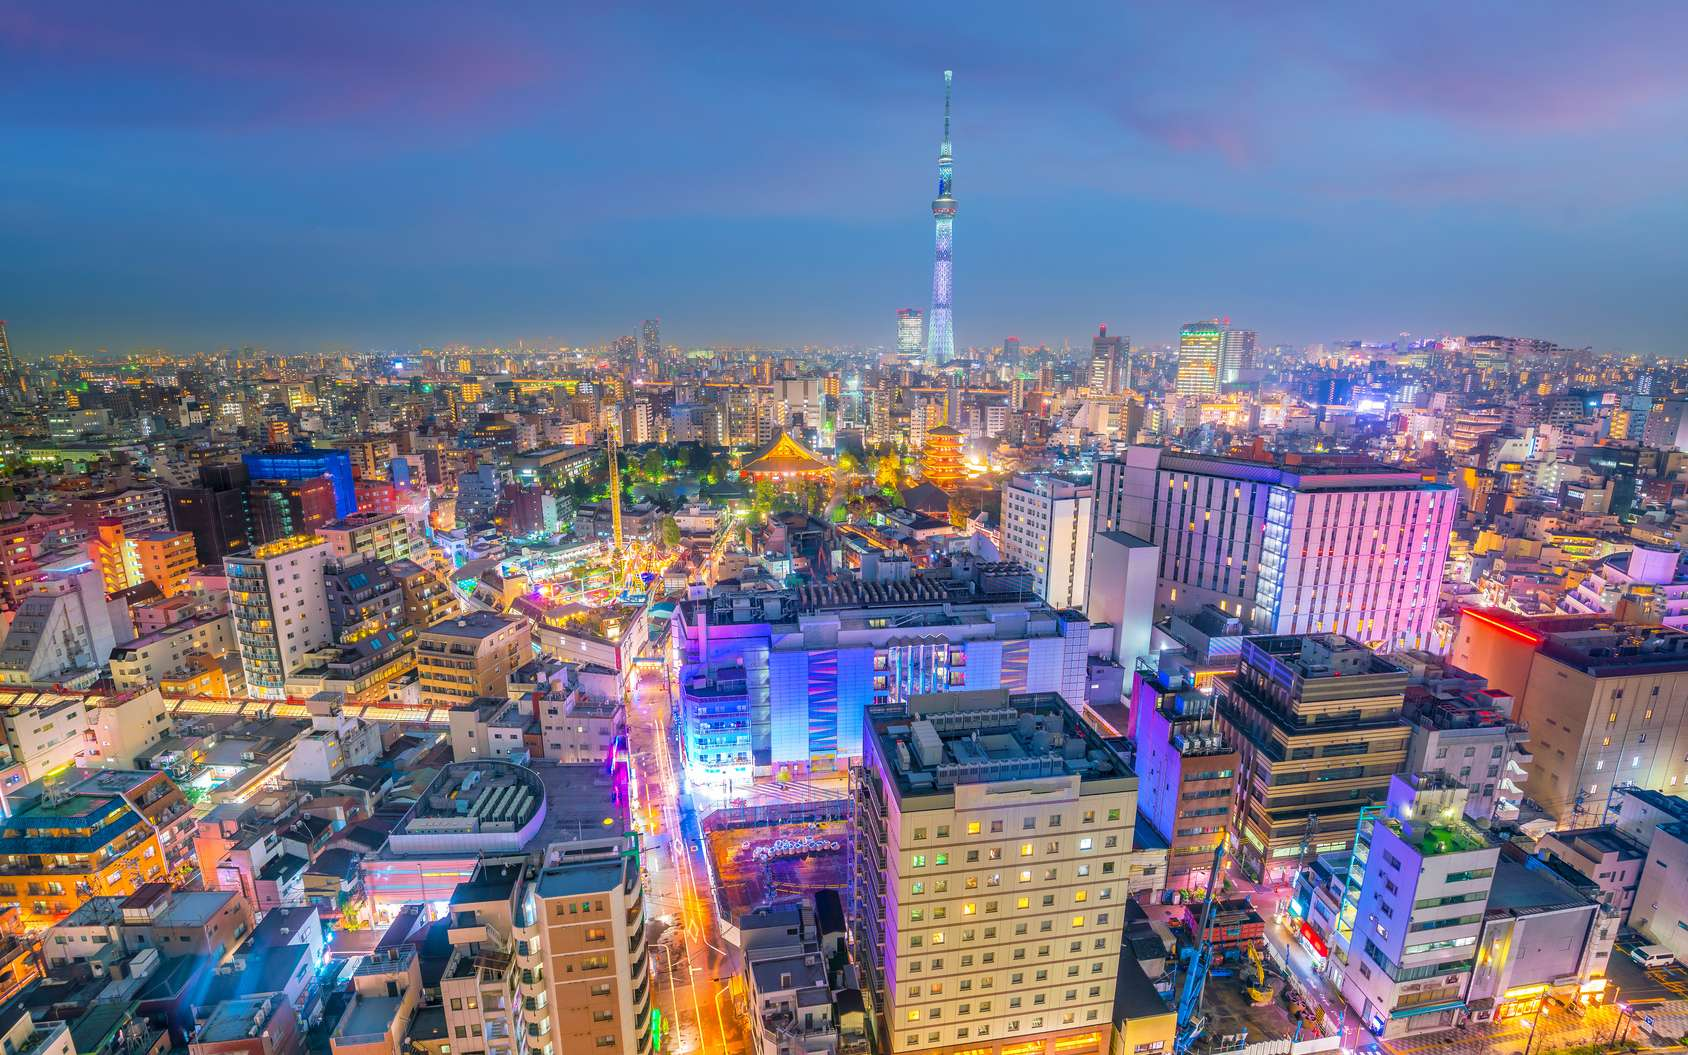 Le plus haut gratte-ciel en bois va être construit à Tokyo. © f11photo, Fotolia